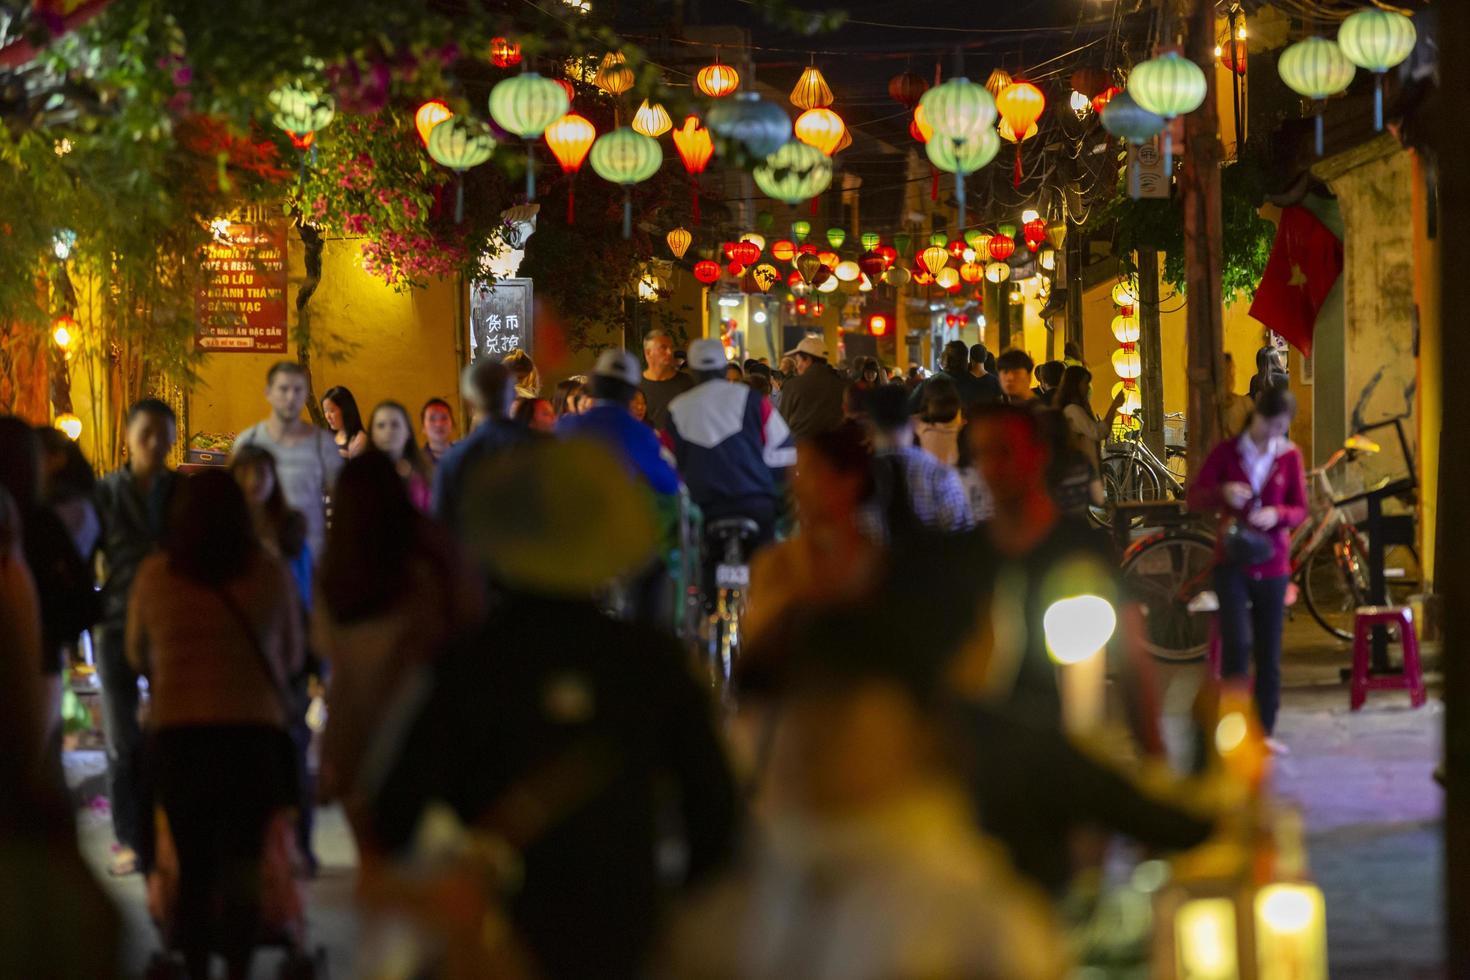 hoi an, vietnam, 2016-personnes marchant dans les rues la nuit photo